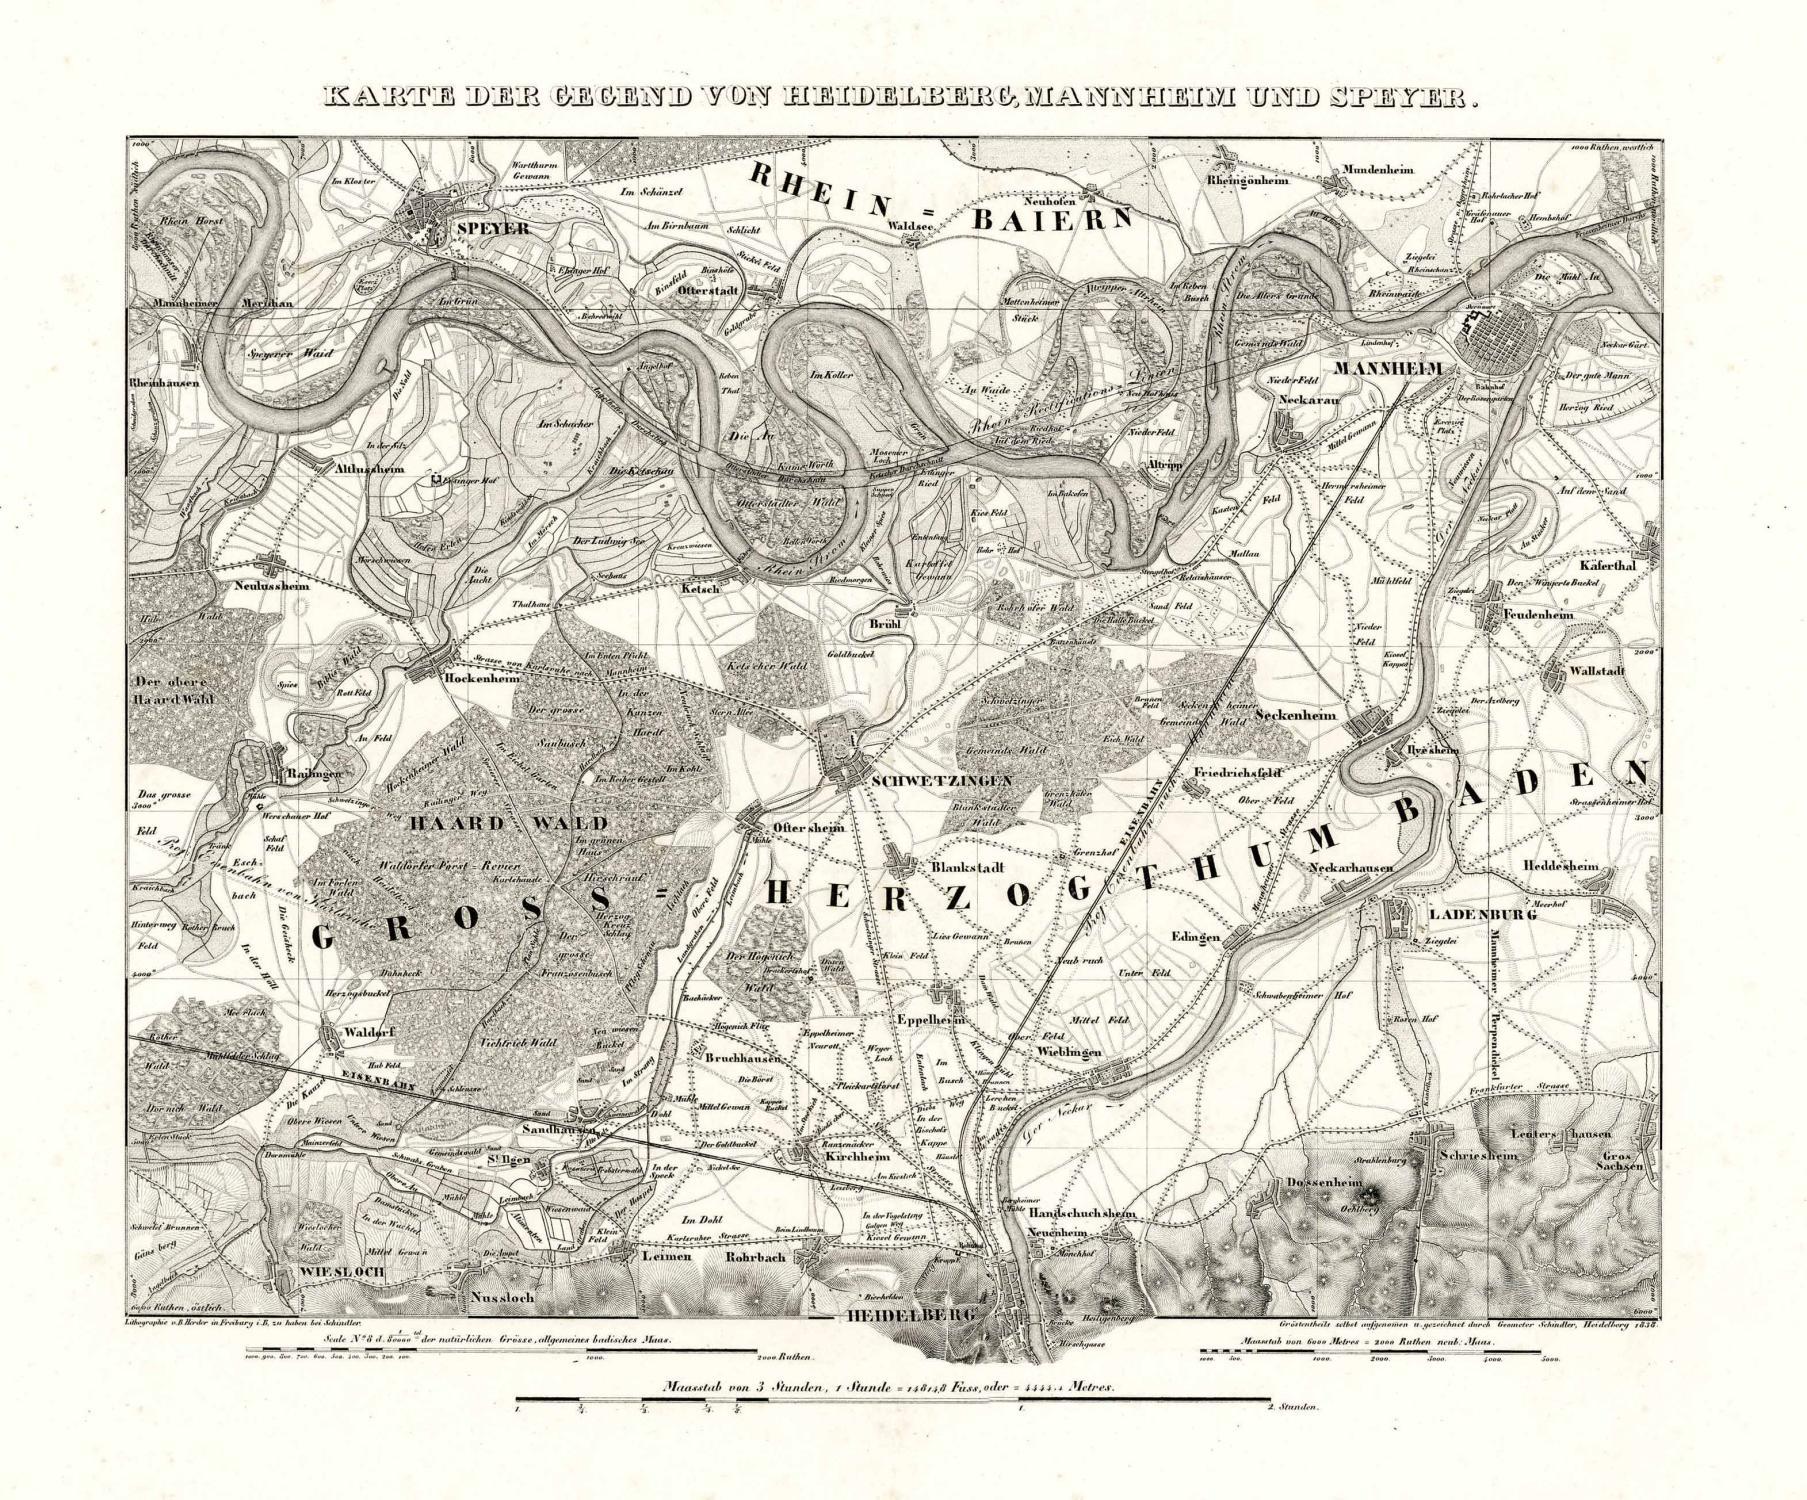 Karte Der Gegend Von Heidelberg Mannheim Und Speyer